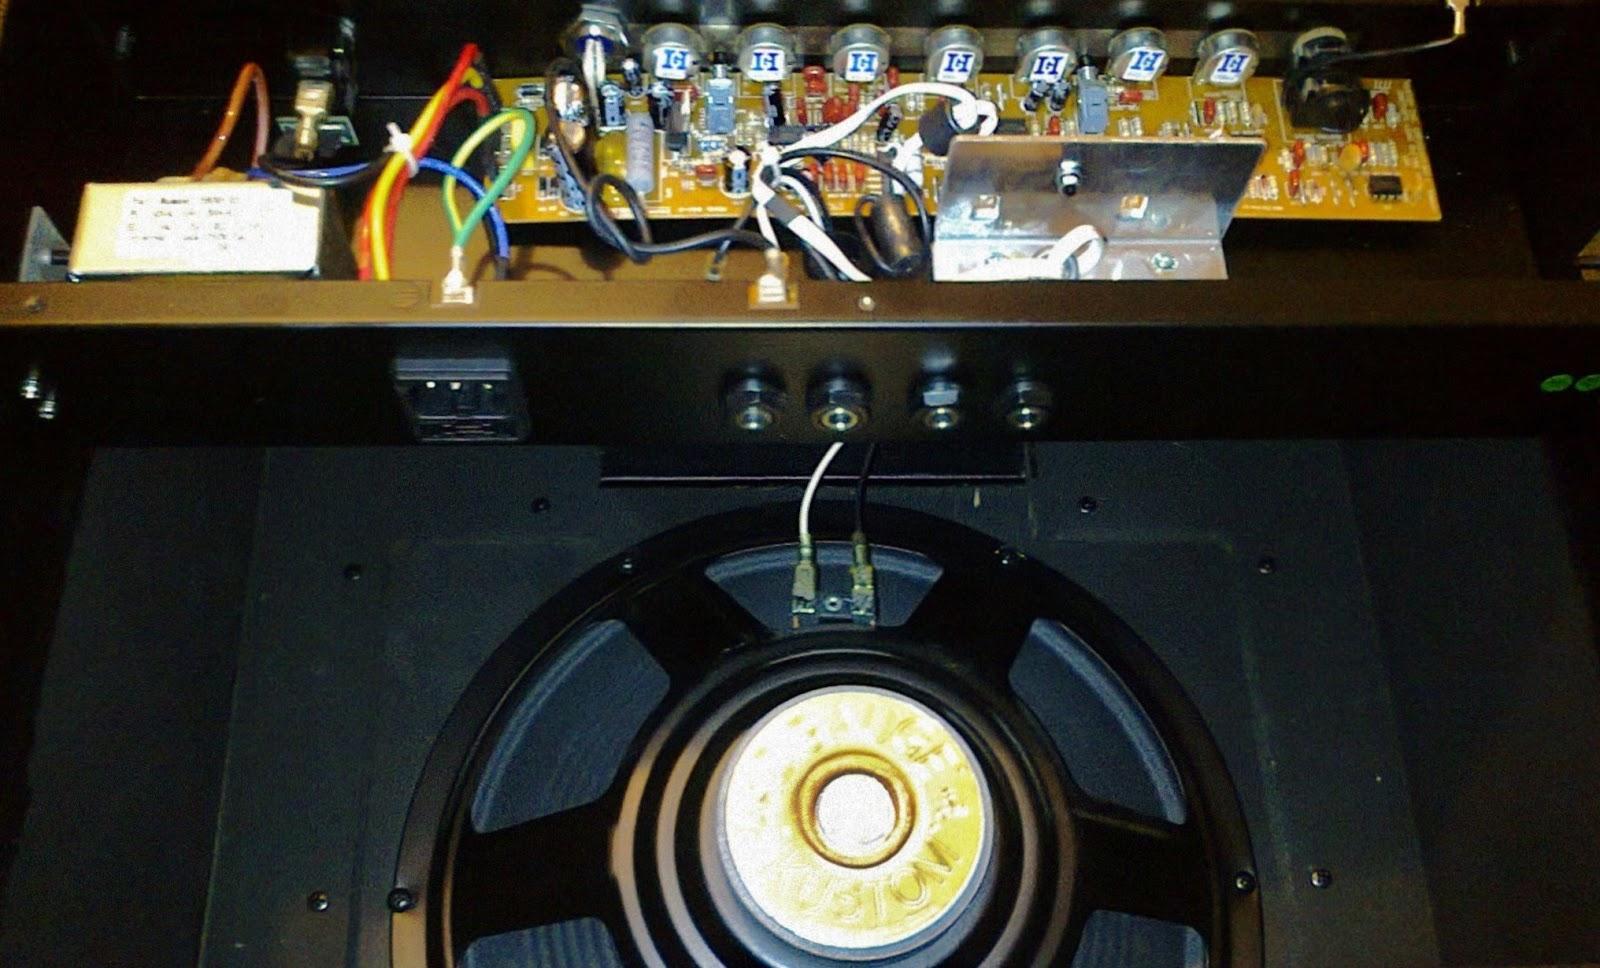 kustom 12 gauge amplifier mod guitar dreamer cheers  [ 1600 x 968 Pixel ]